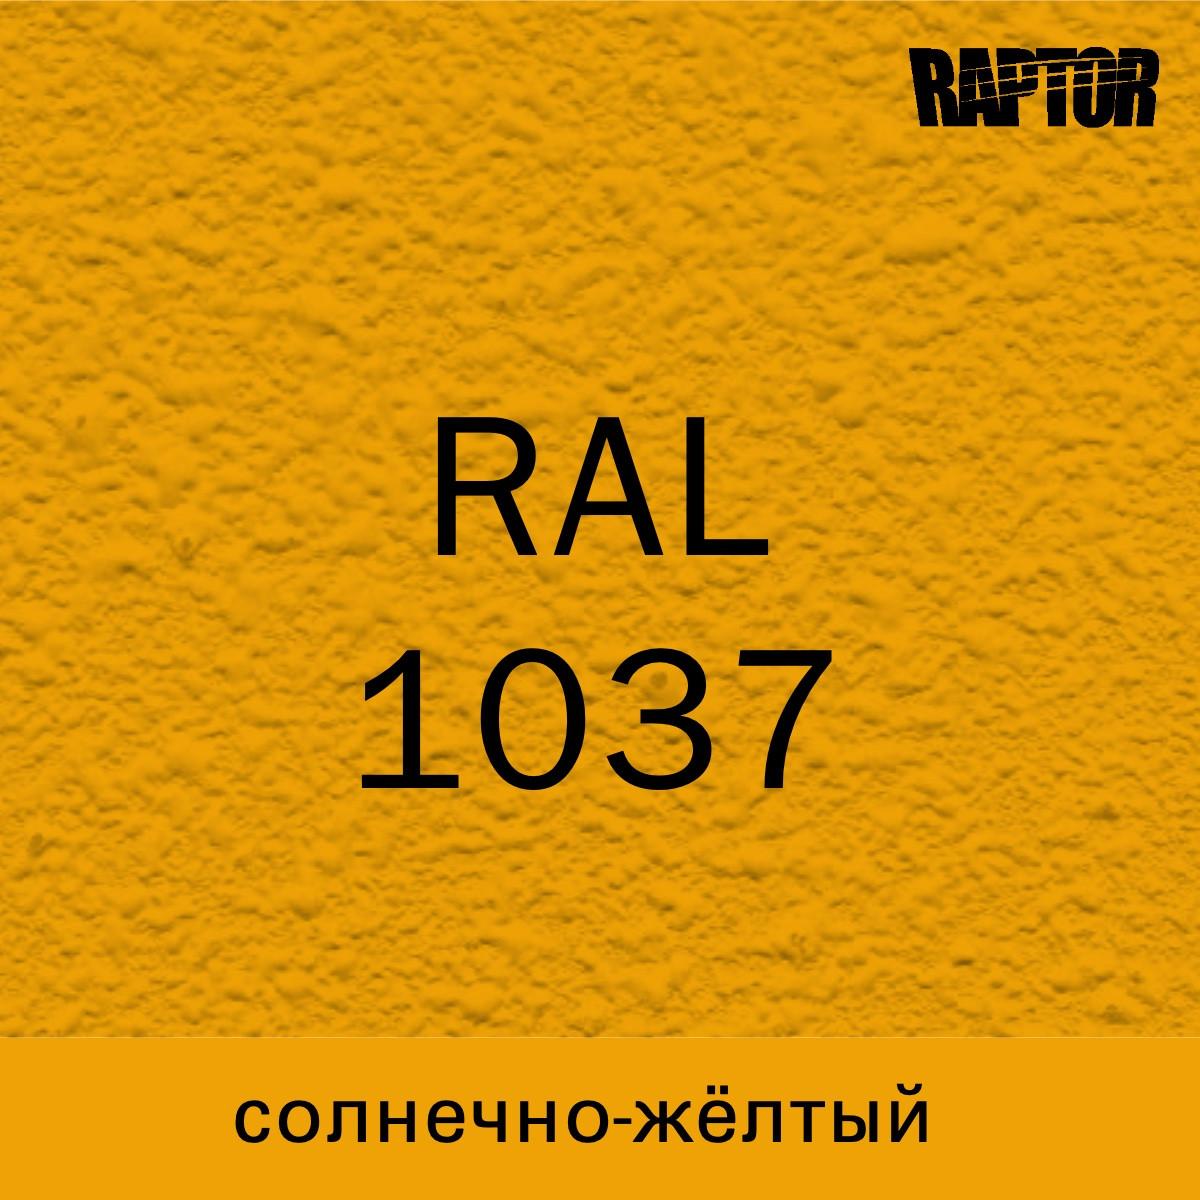 Пігмент для колеровки покриття RAPTOR™ Сонячно-жовтий (RAL 1037)